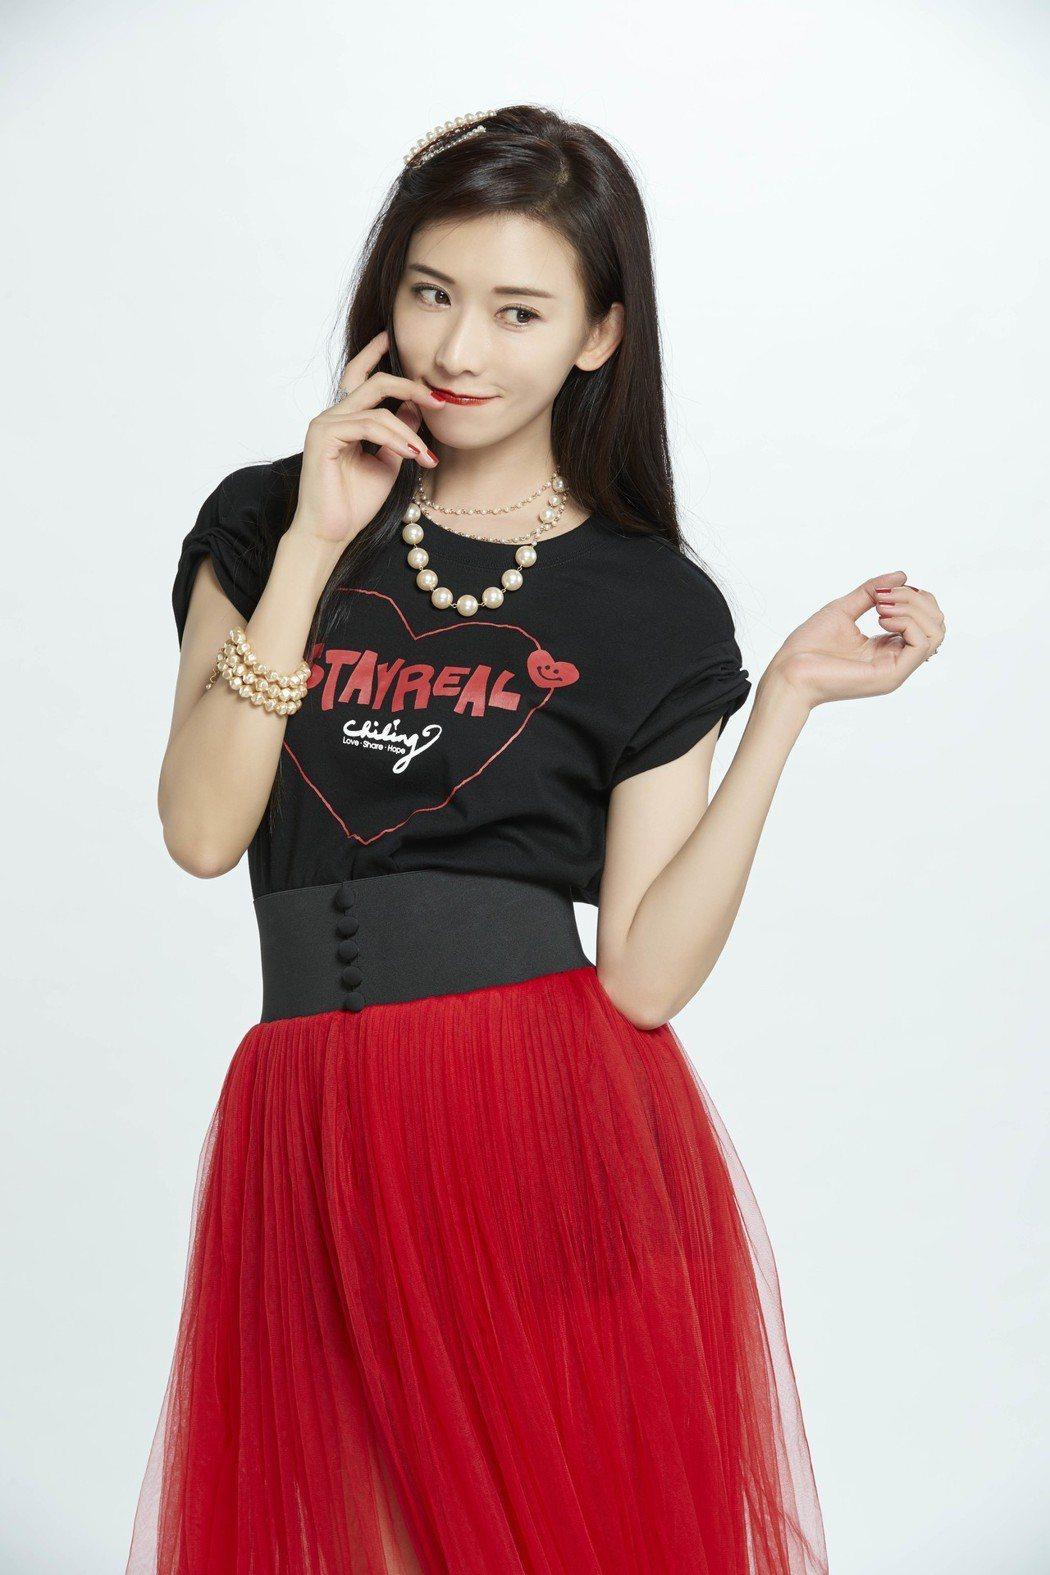 林志玲親上陣為Stayreal聯名商品拍攝形象,讓大家看到更多不一樣的她。圖/S...